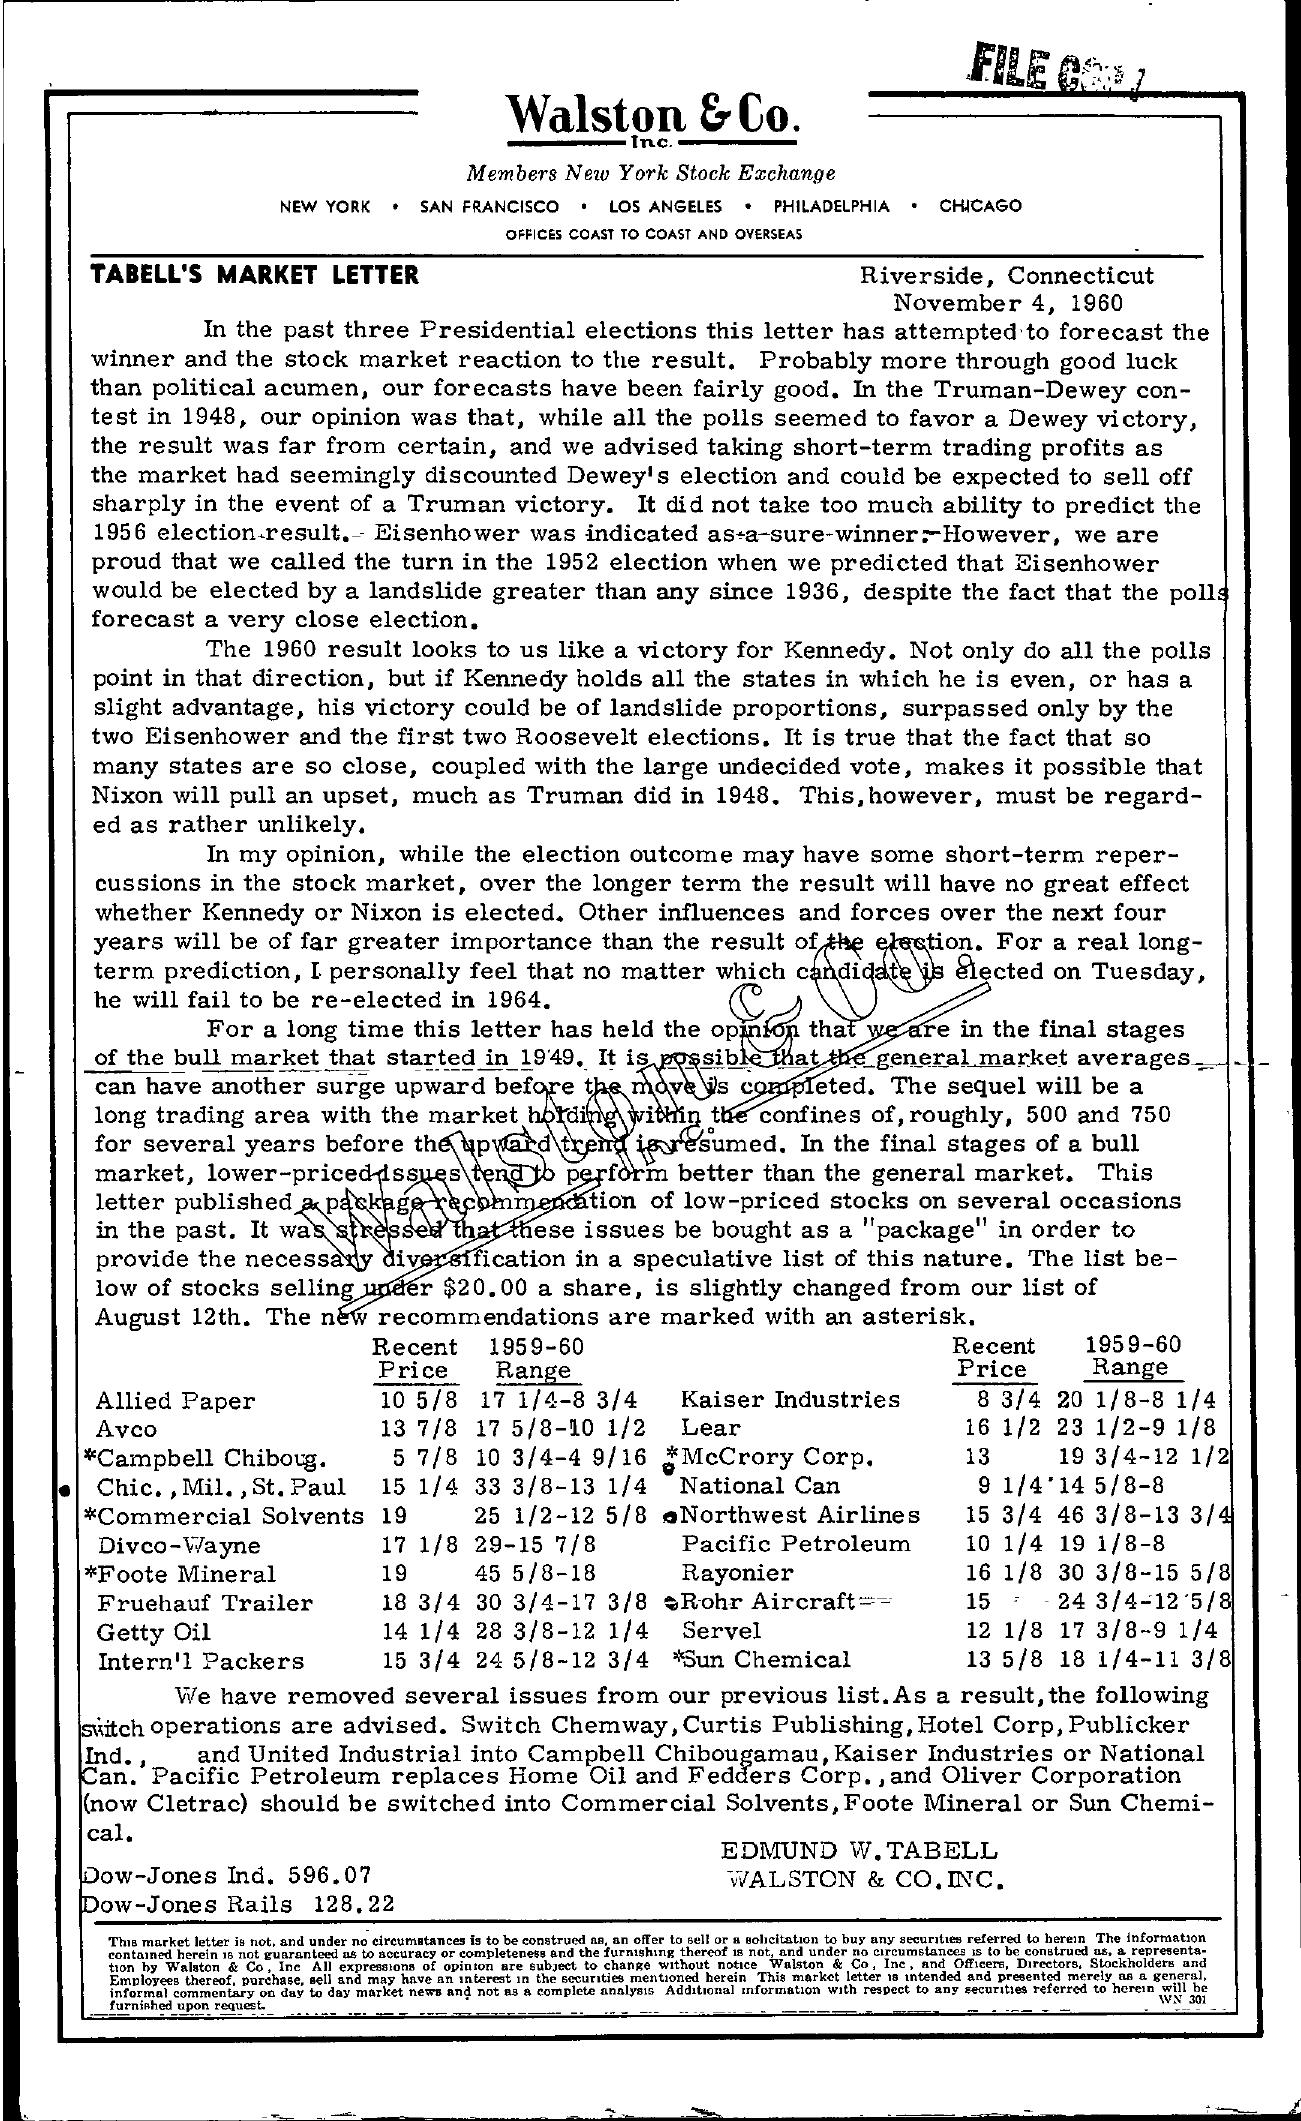 Tabell's Market Letter - November 04, 1960